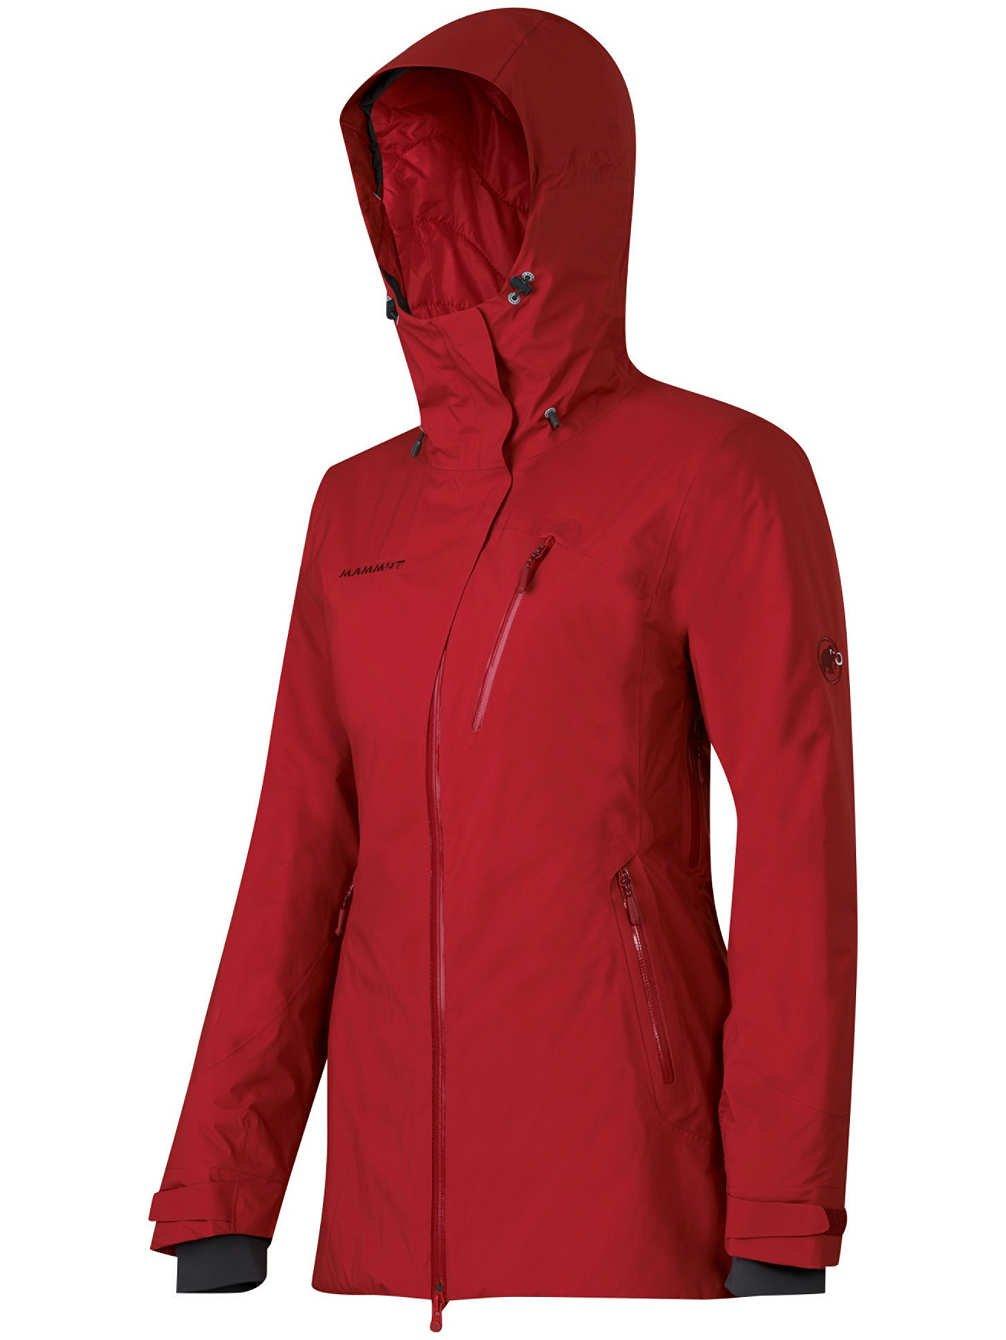 Mammut Misaun Jacket Women – Wintermantel günstig online kaufen